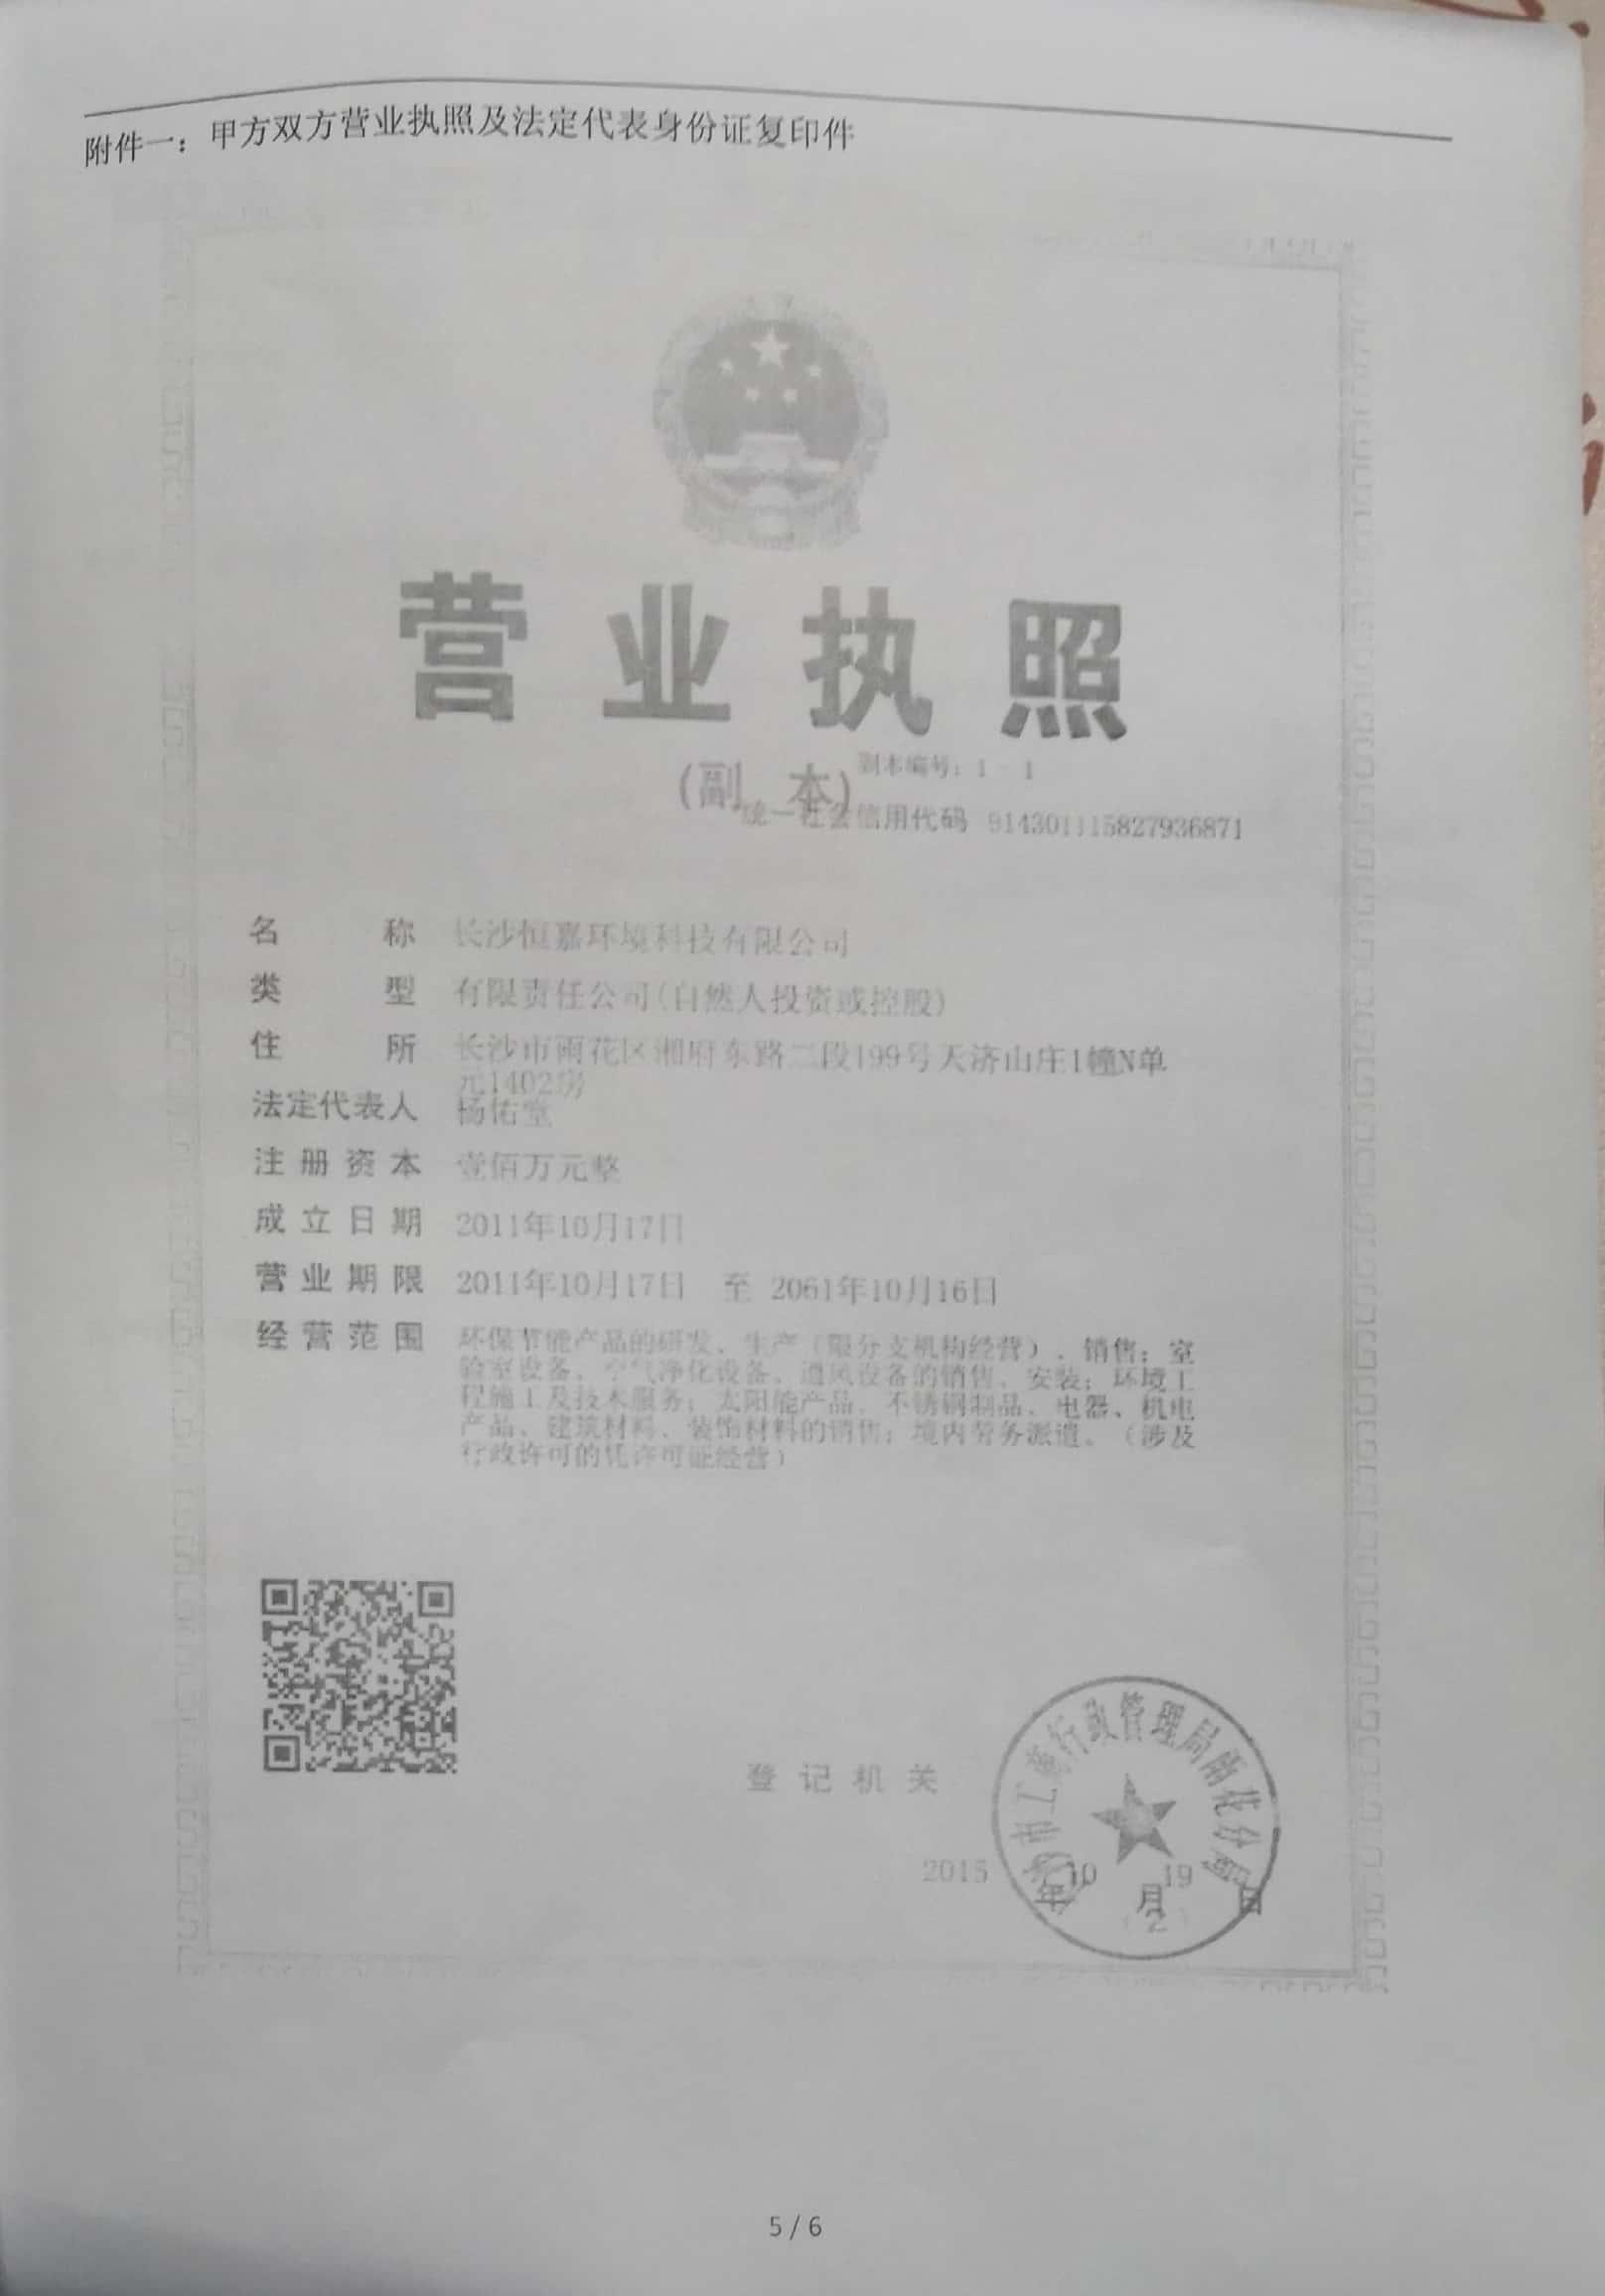 长沙恒嘉环境科技有限公司